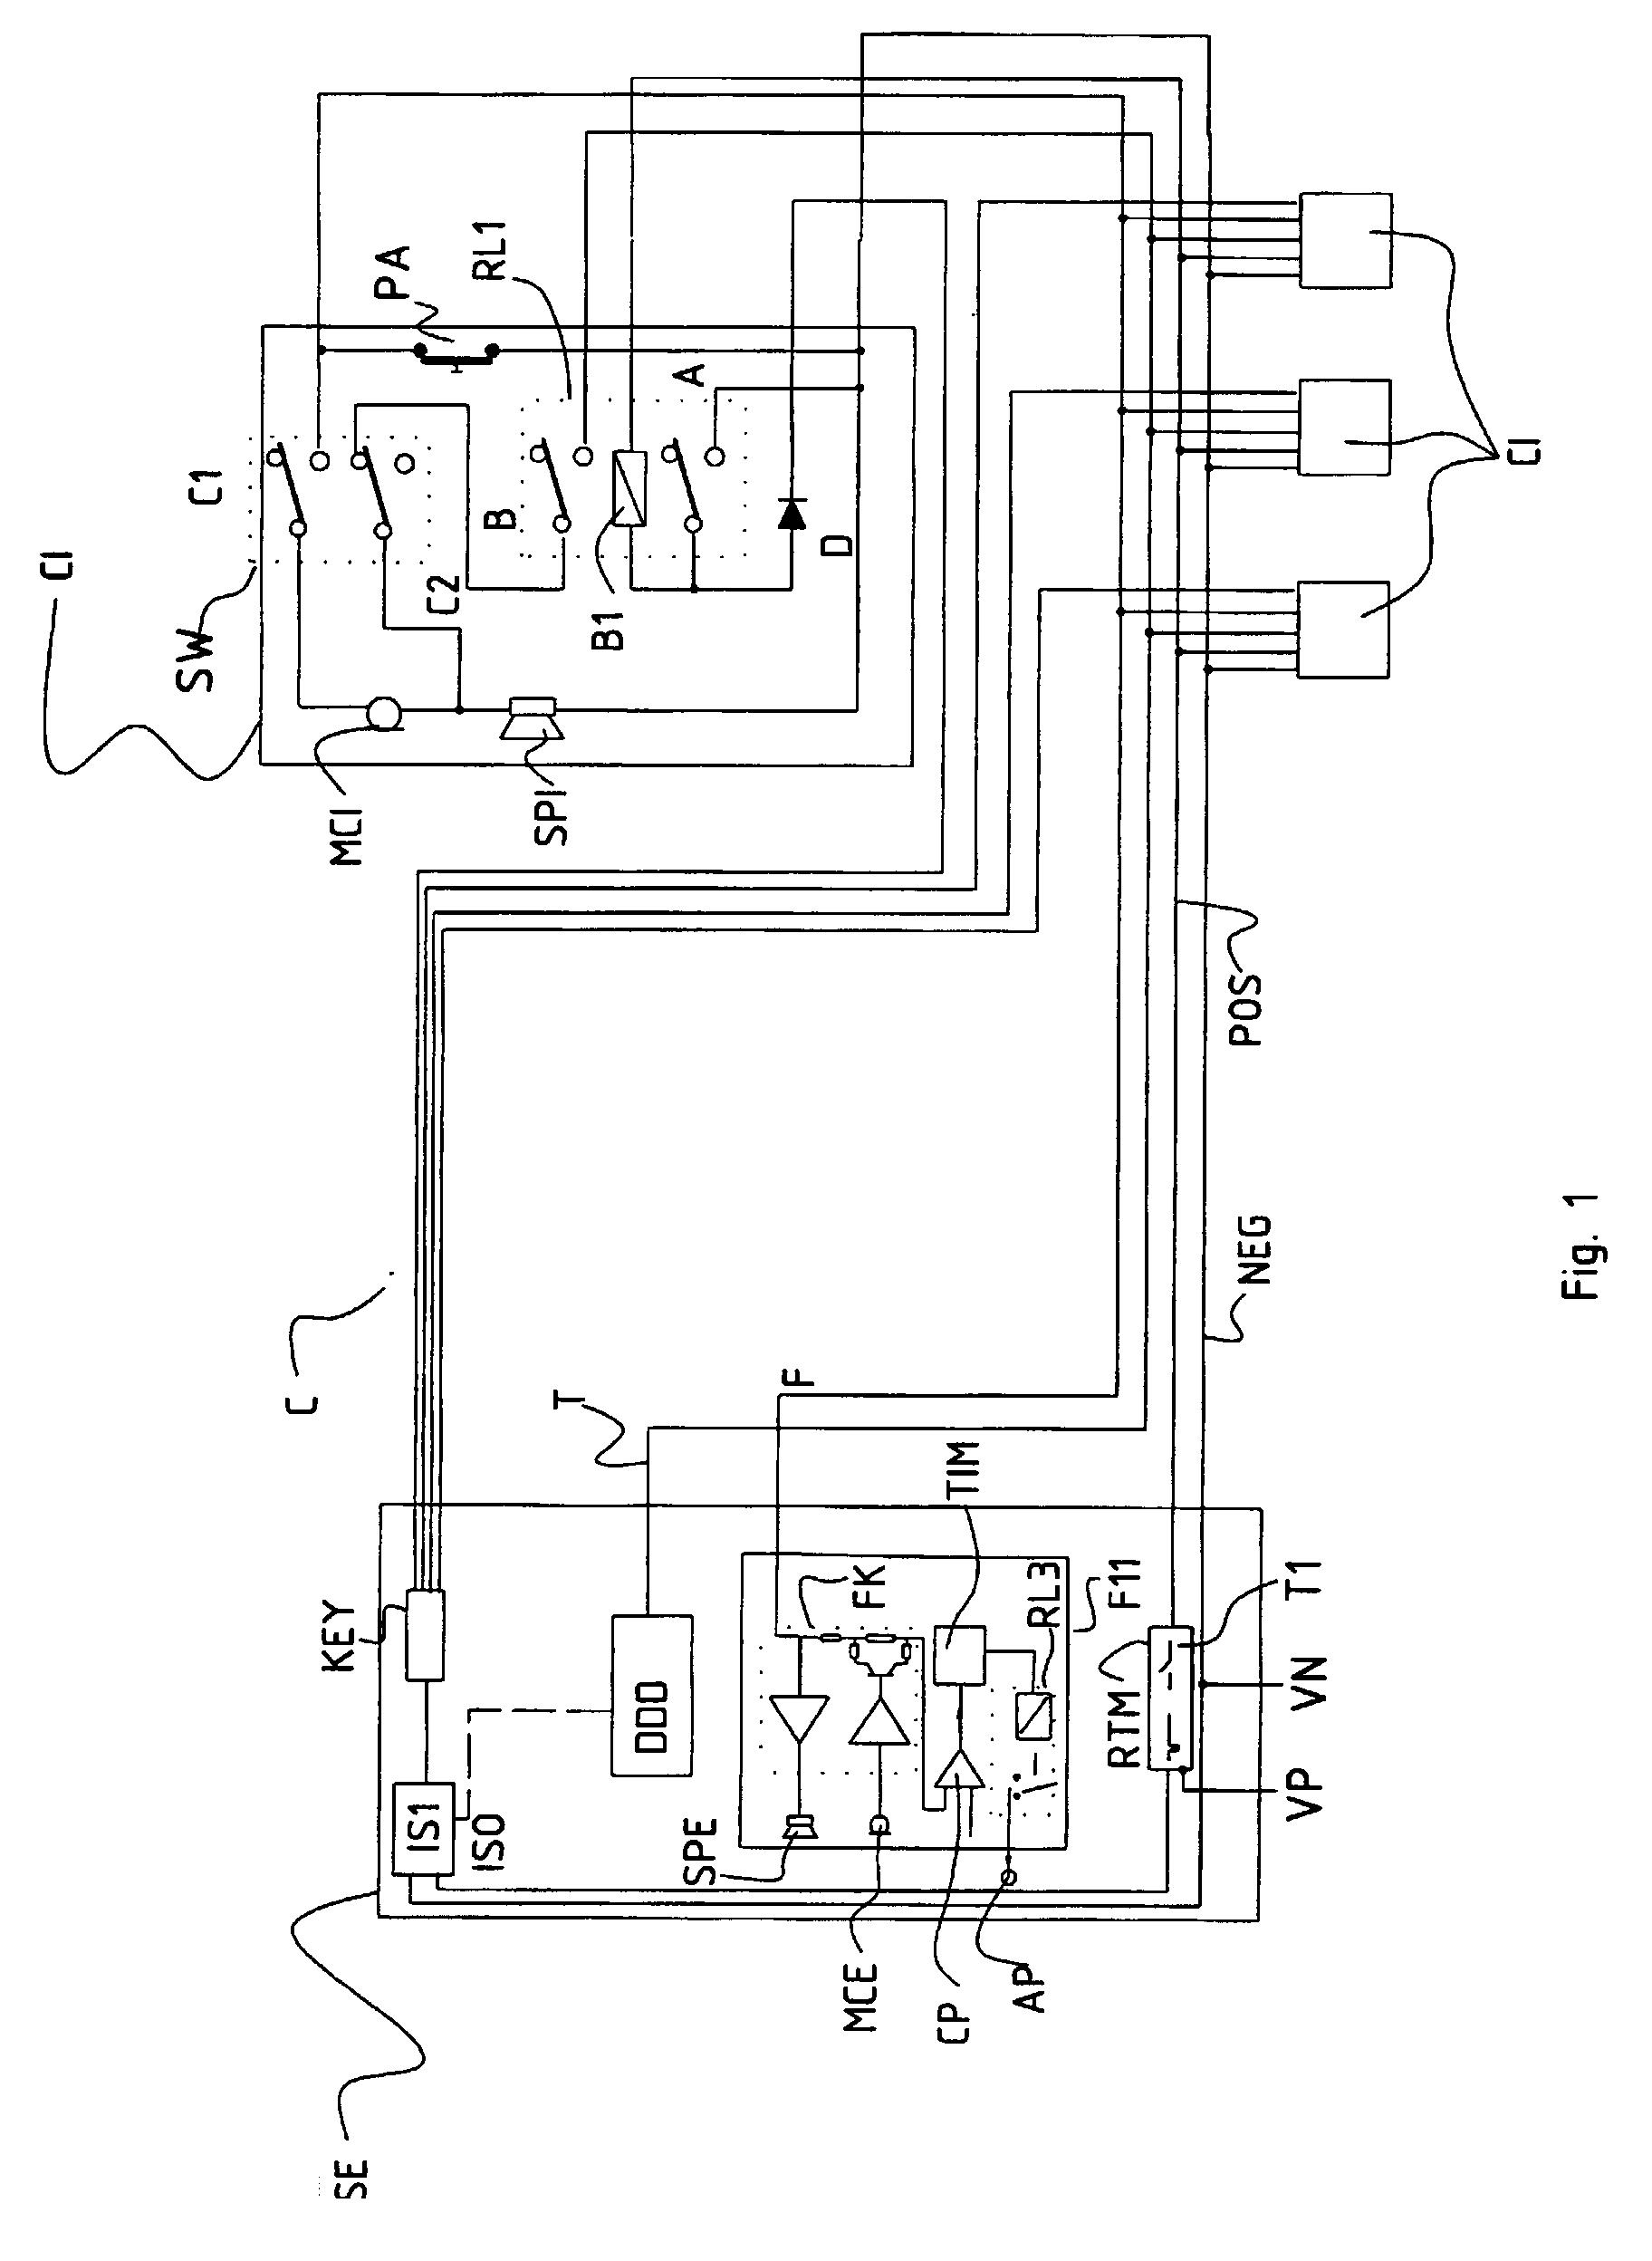 magnetek 6345 wiring diagram wiring diagram data today